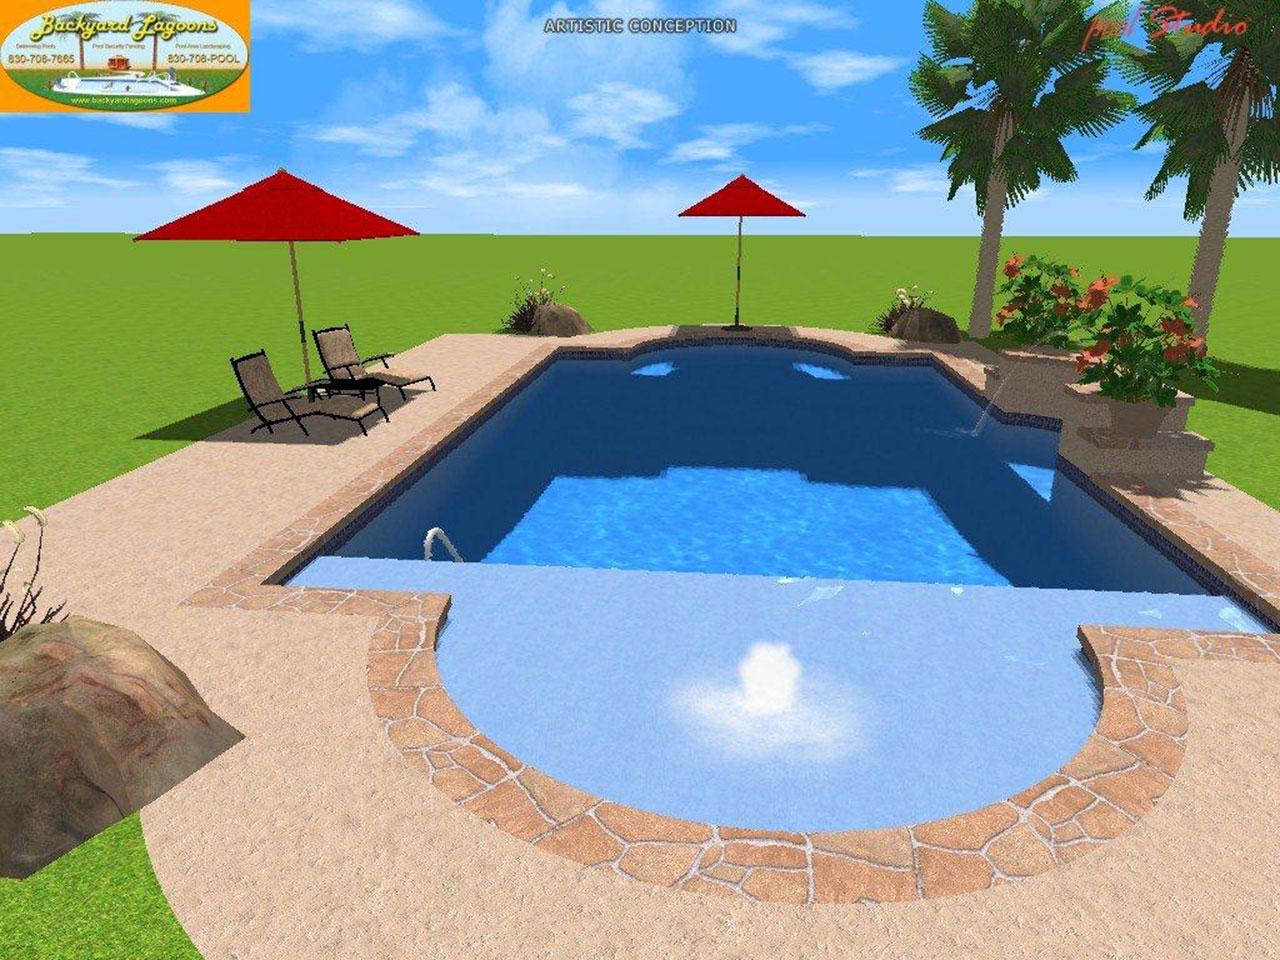 3D Image 4